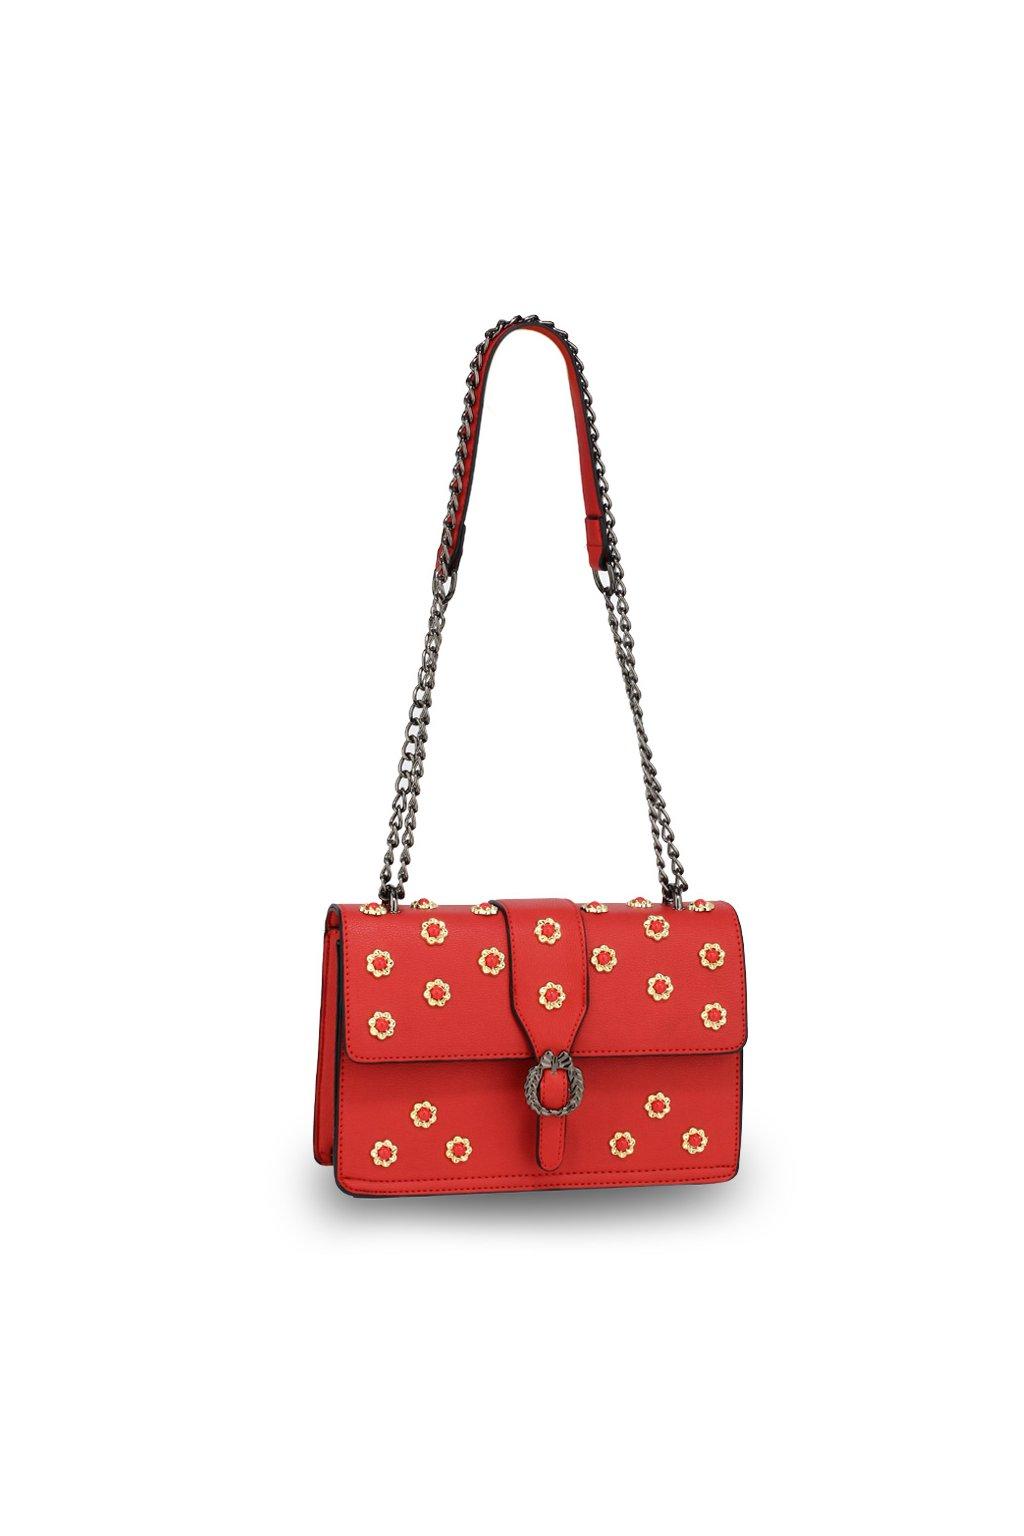 Crossbody kabelka červená Jessica AG00630 ceb30bc3374